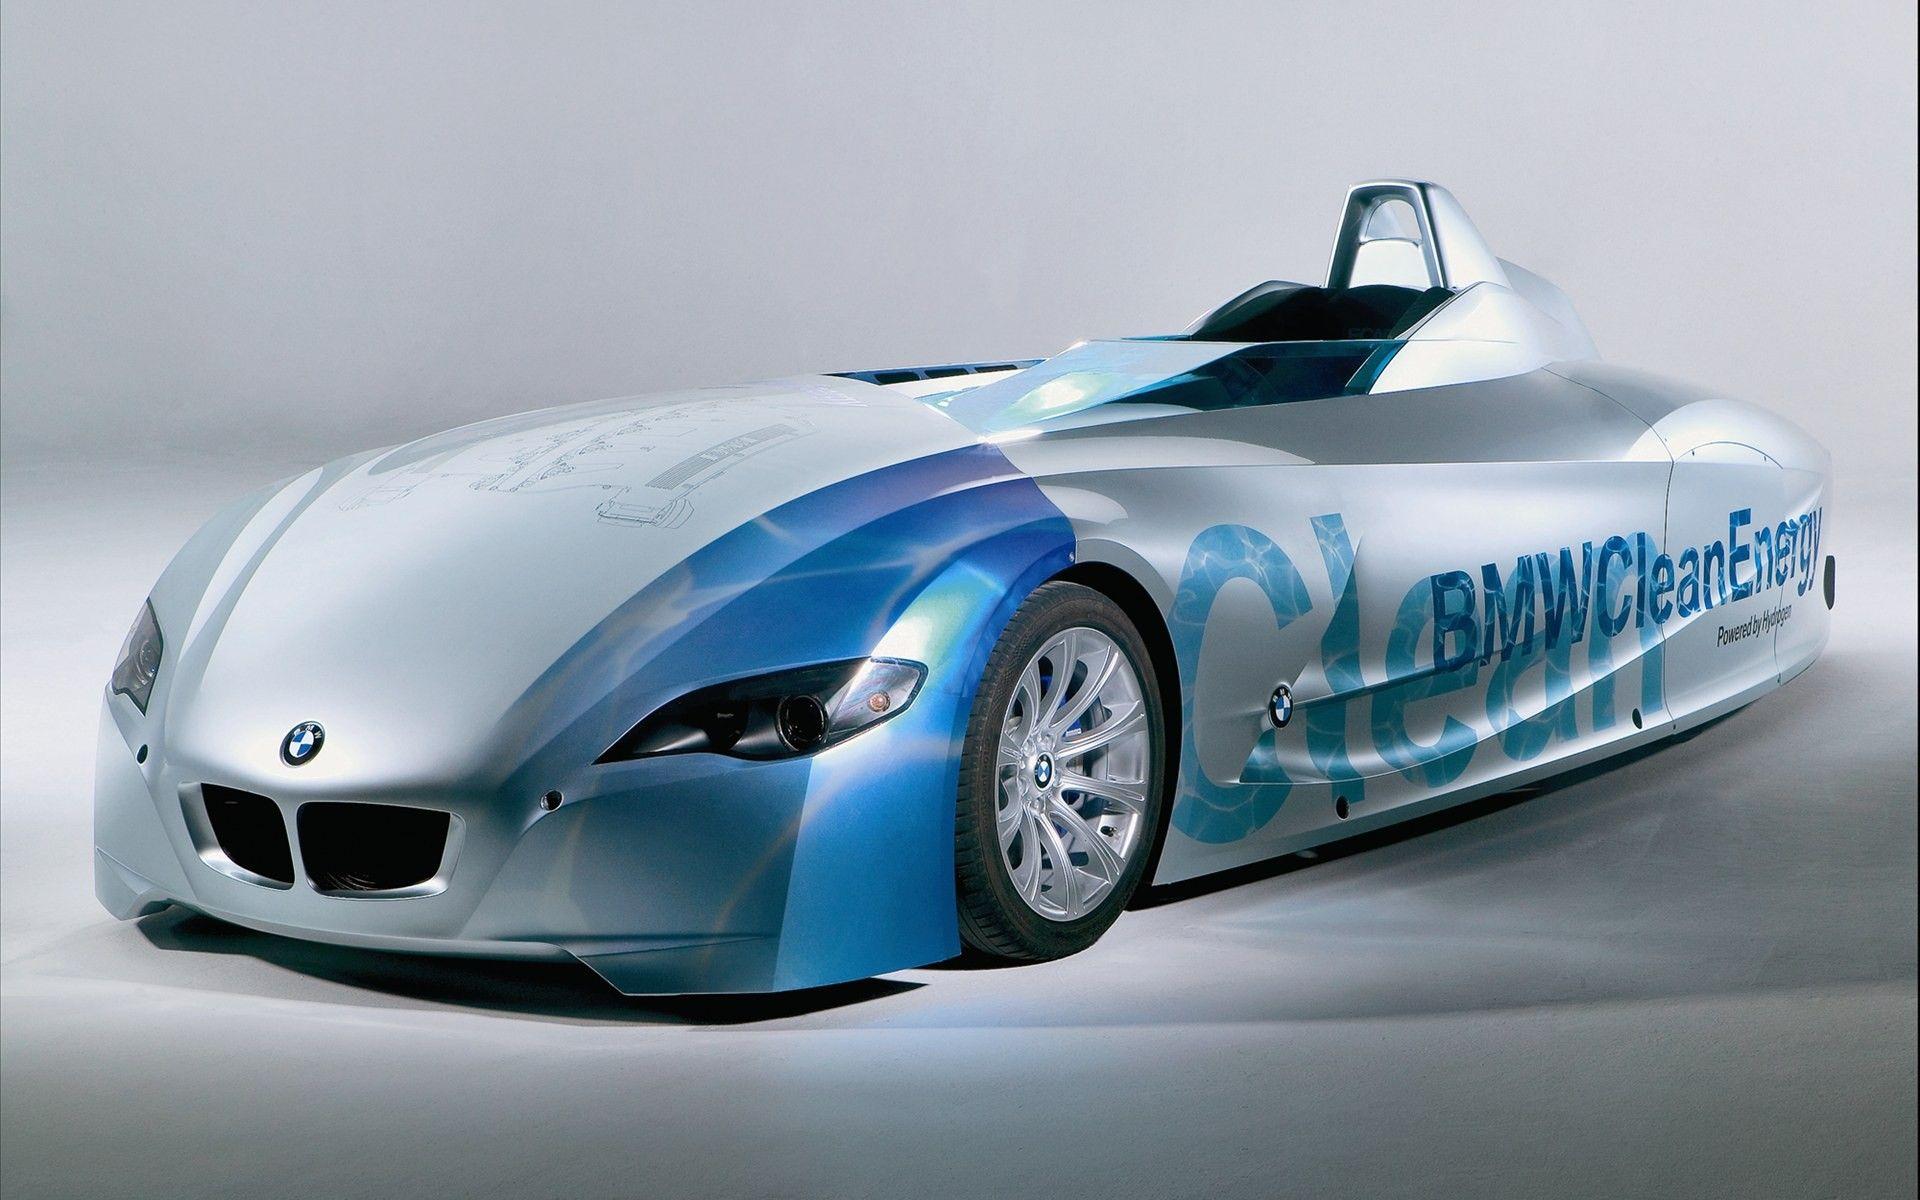 bmw hydrogen hydrogen car bmw cars bmw bmw hydrogen hydrogen car bmw cars bmw